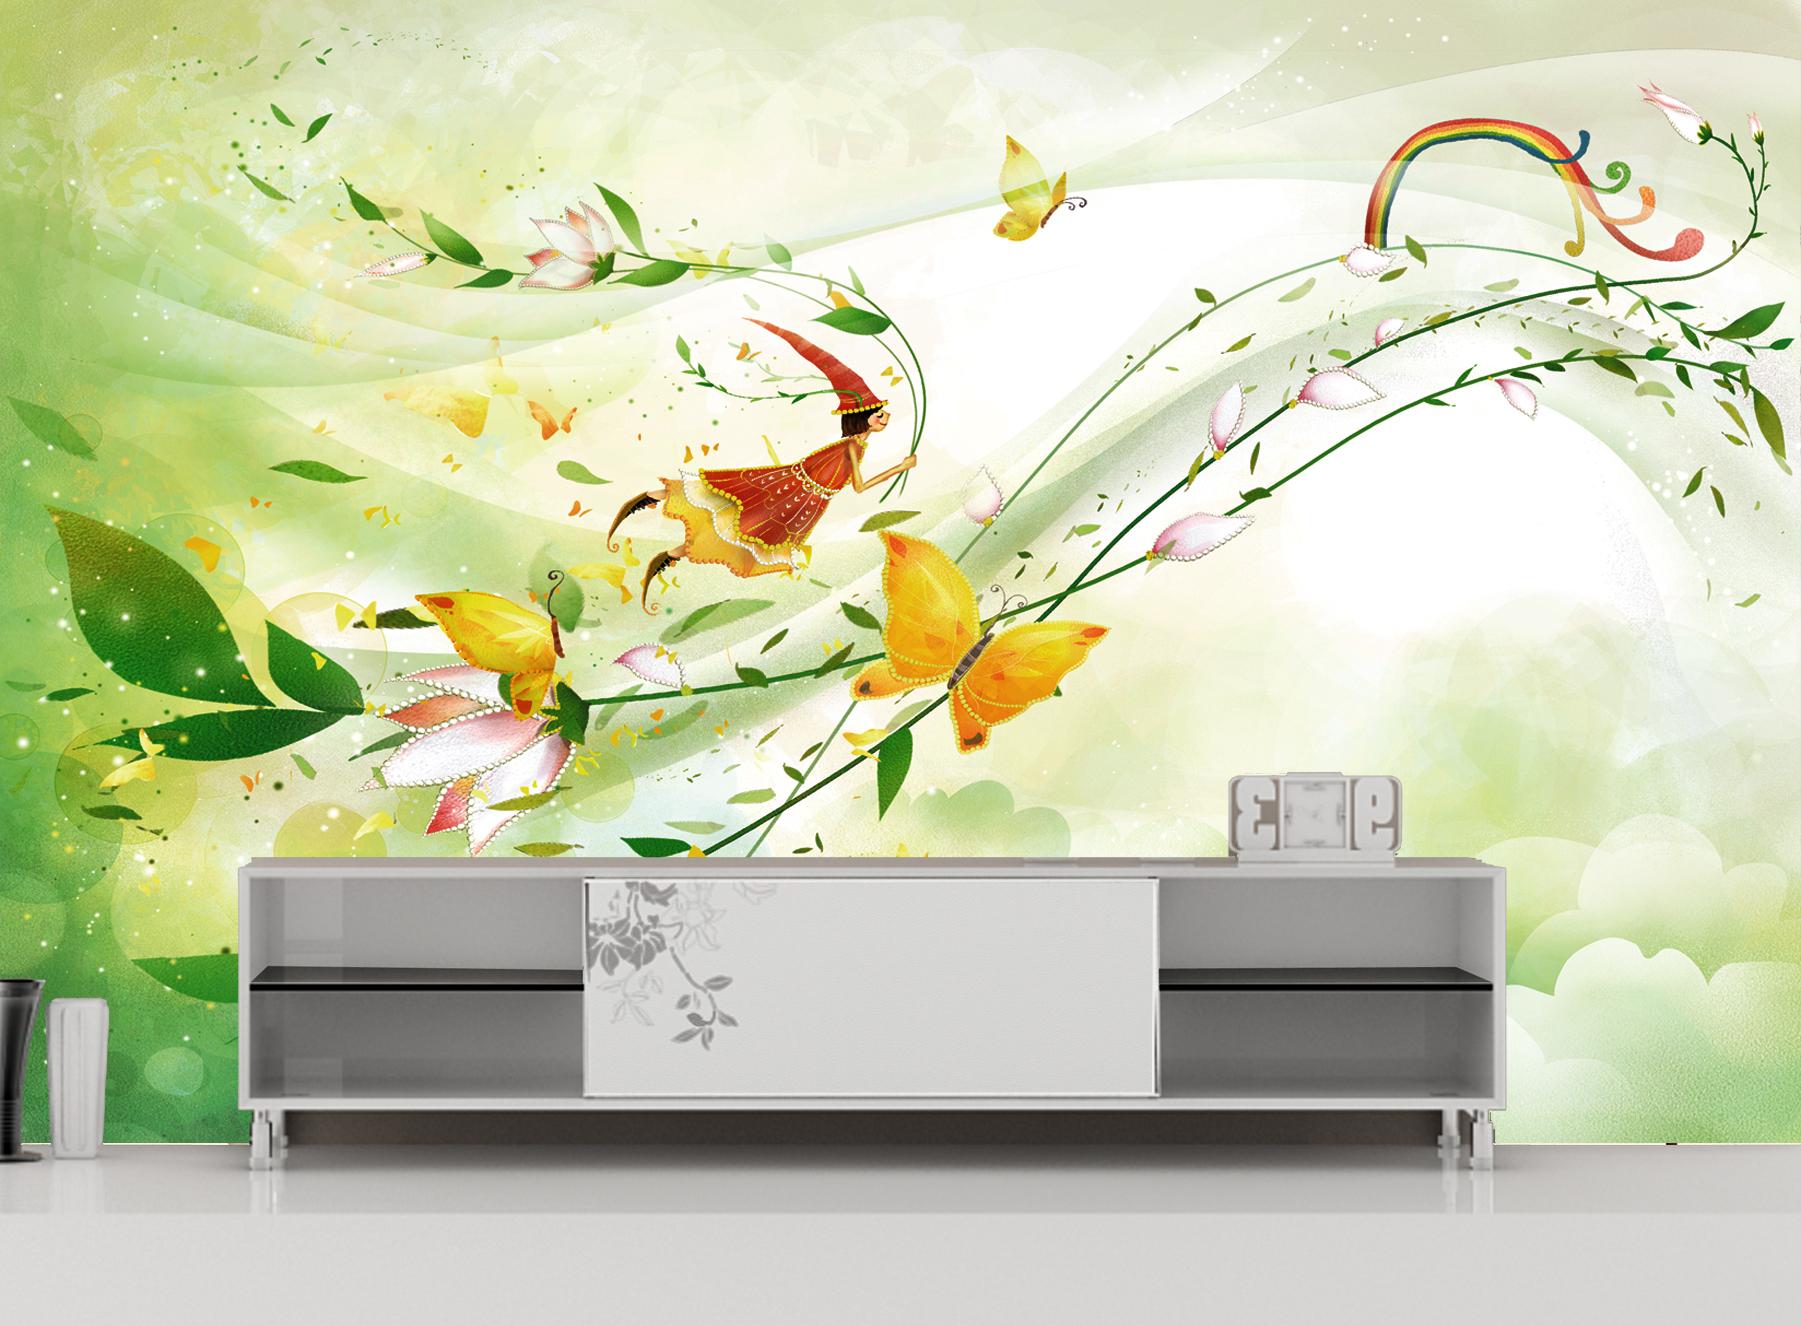 Mẫu tranh 3D phòng khách đẹp xuất thần chỉ có tại ở xưởng in tranh Thiên Hà - Mẫu aro-181-380x240